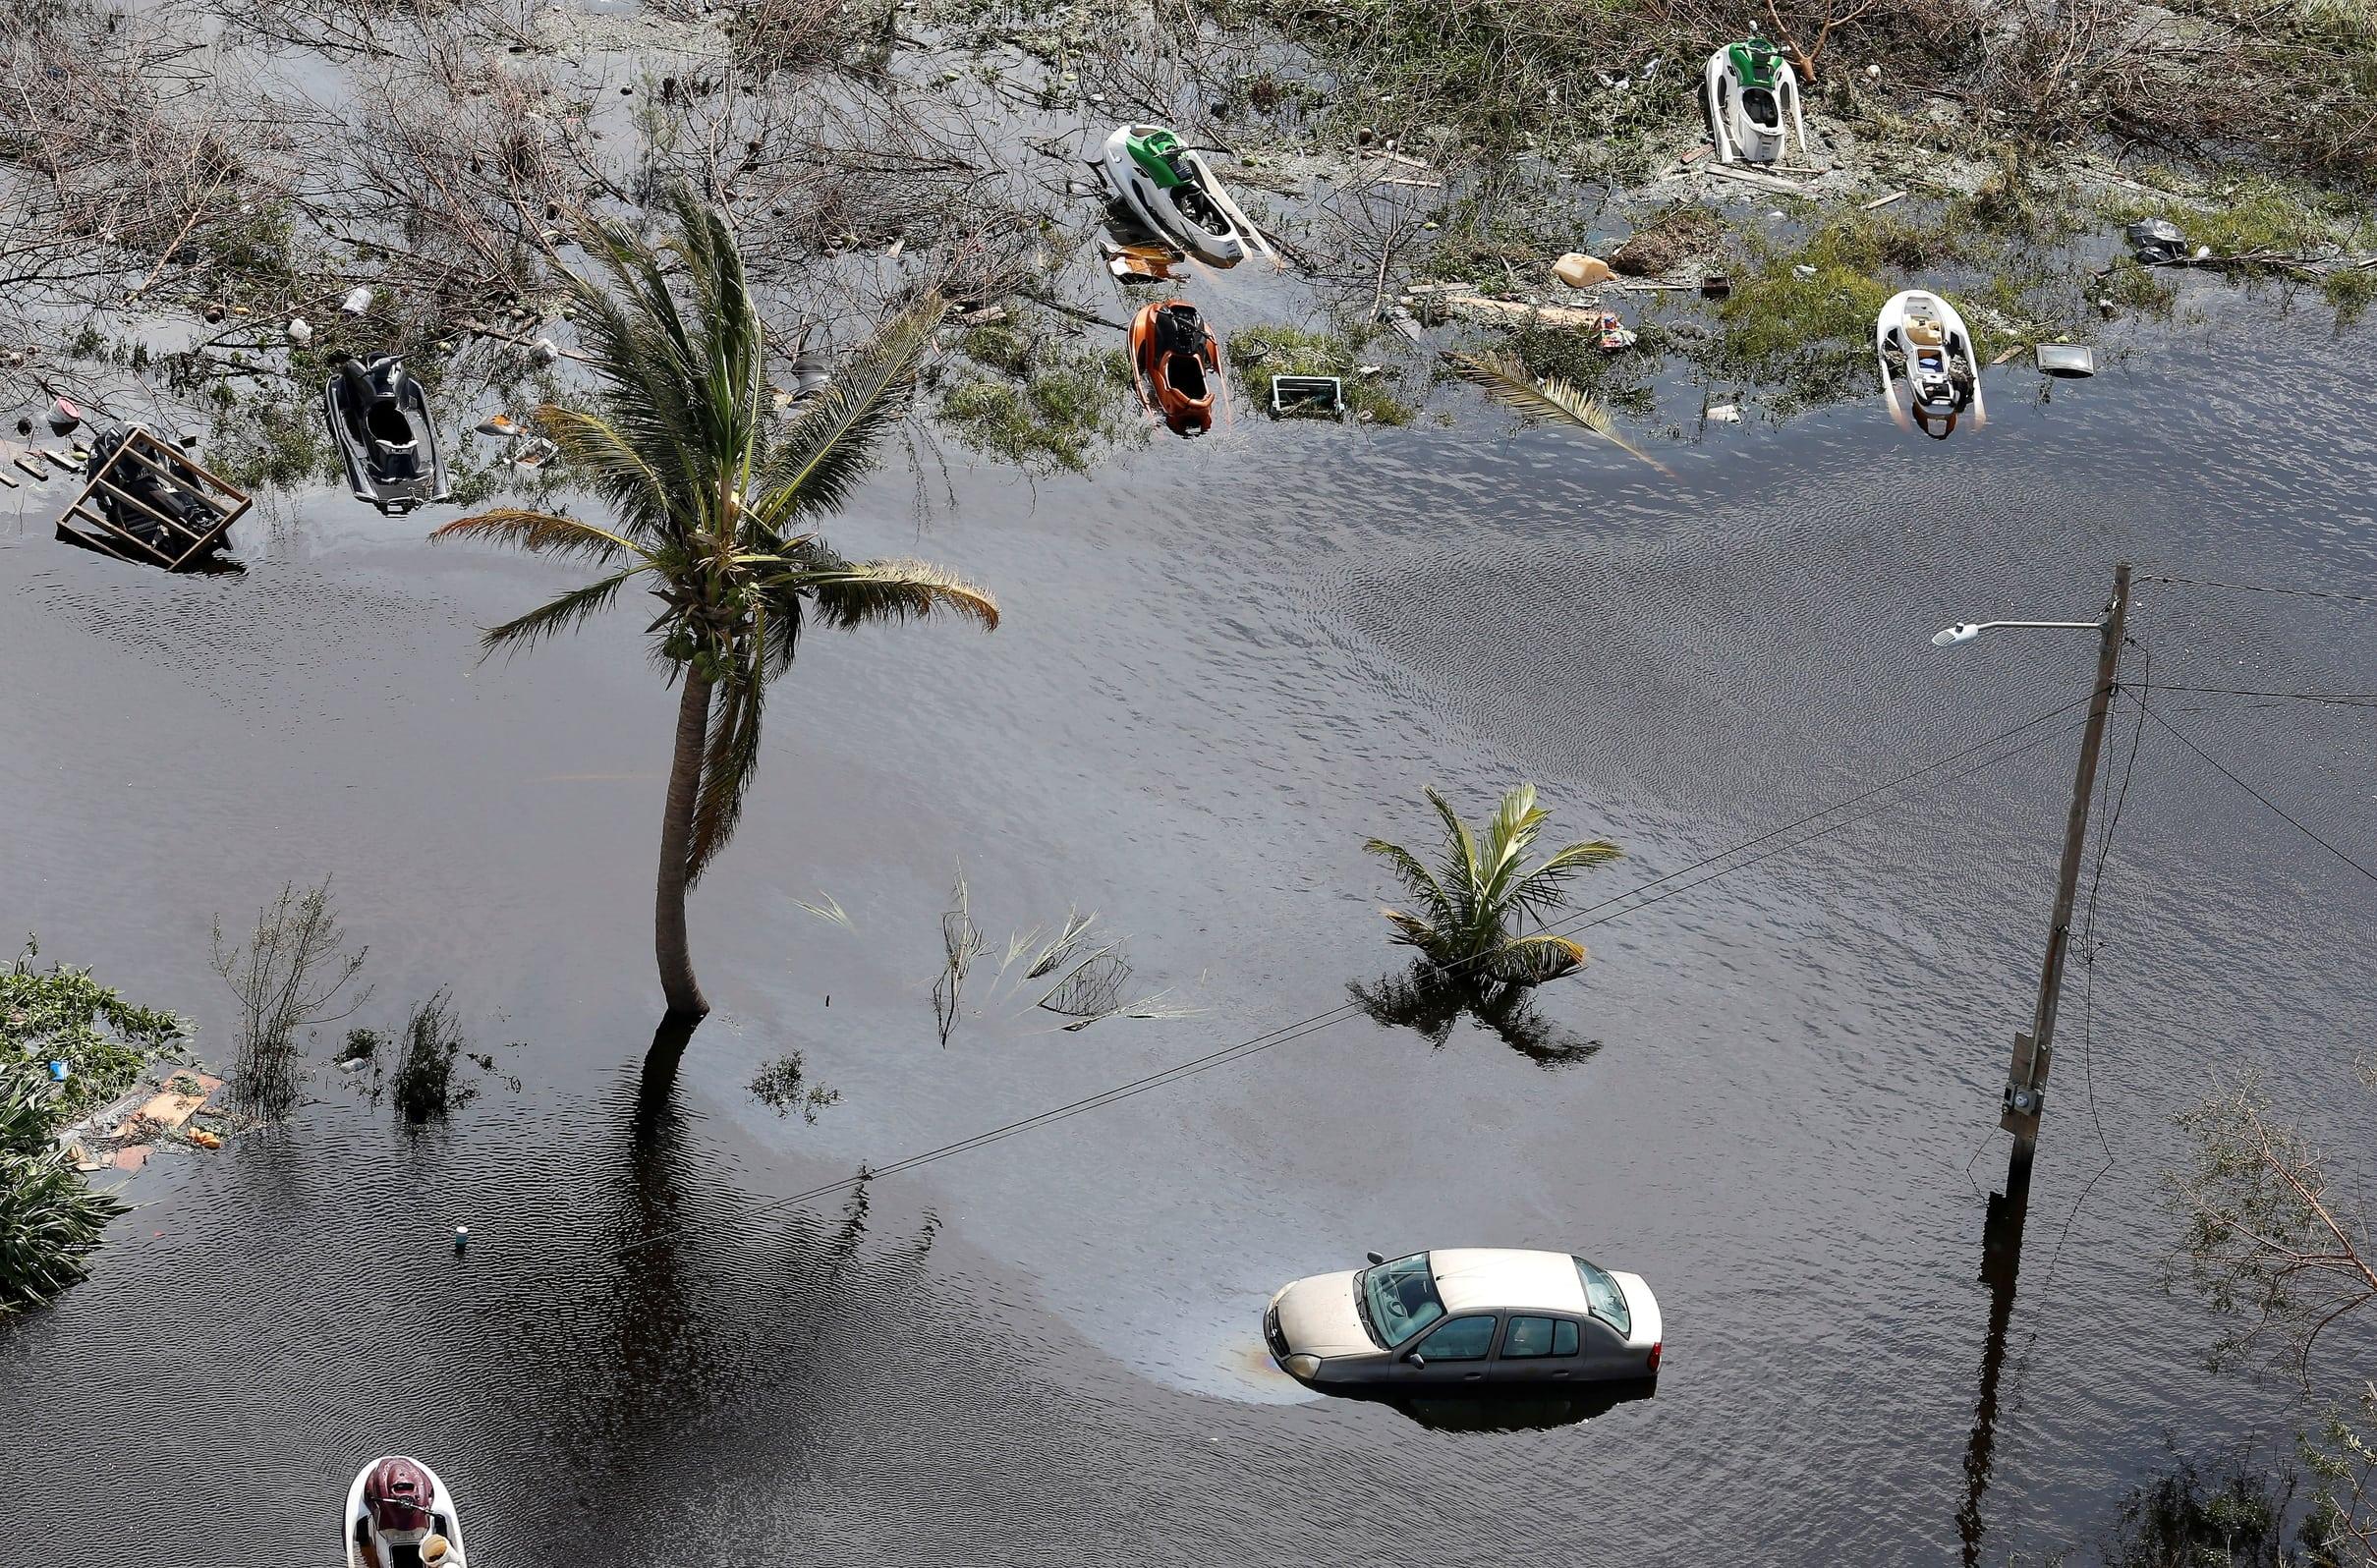 Последствия урагана наострове Большой Багама.